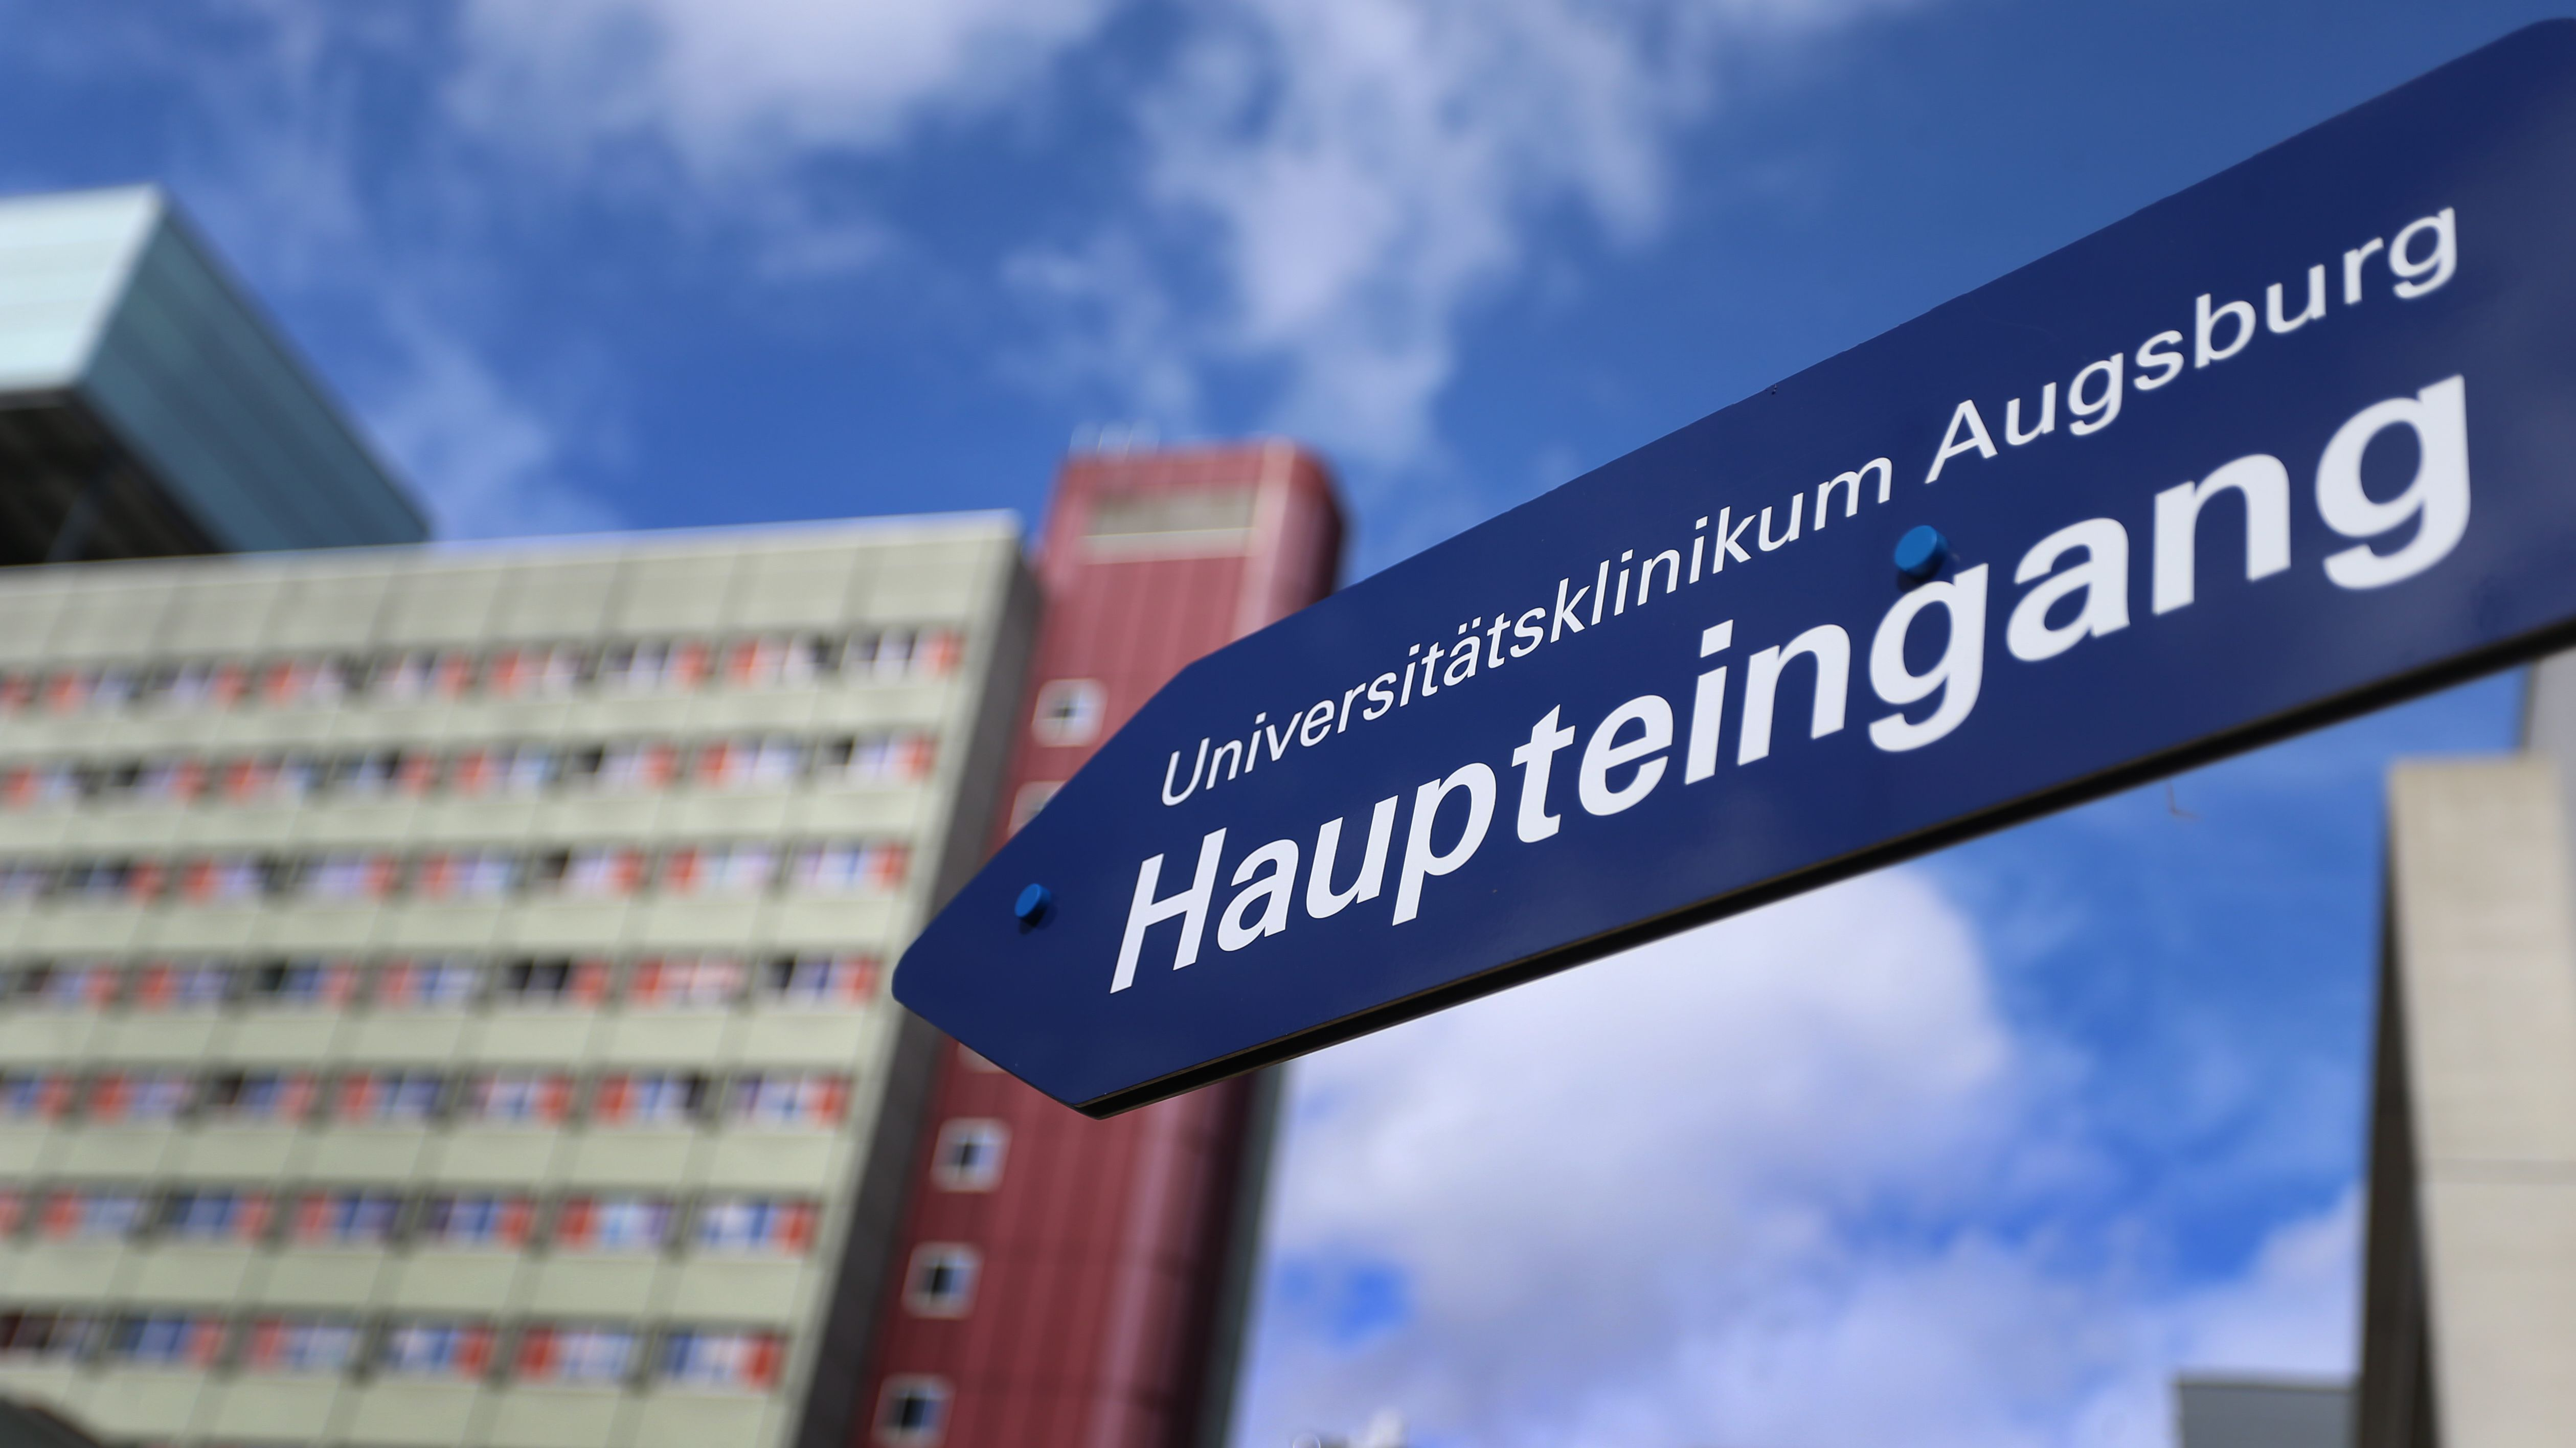 Ein Schild weist zum Haupteingang des neuen Universitätsklinikums Augsburg